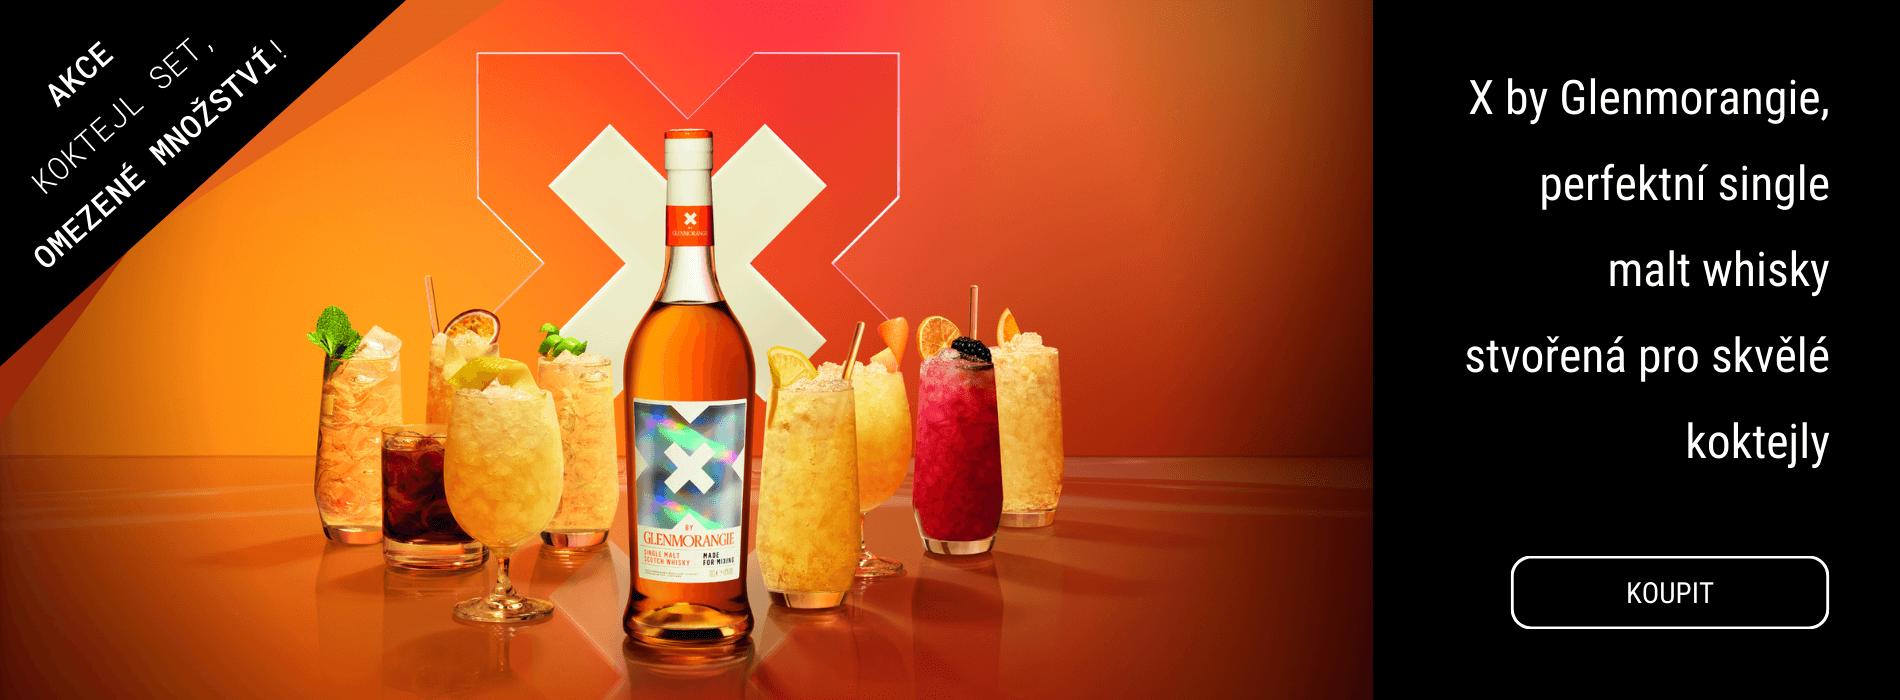 X by Glenmorangie, perfektní pro skvělé koktejly